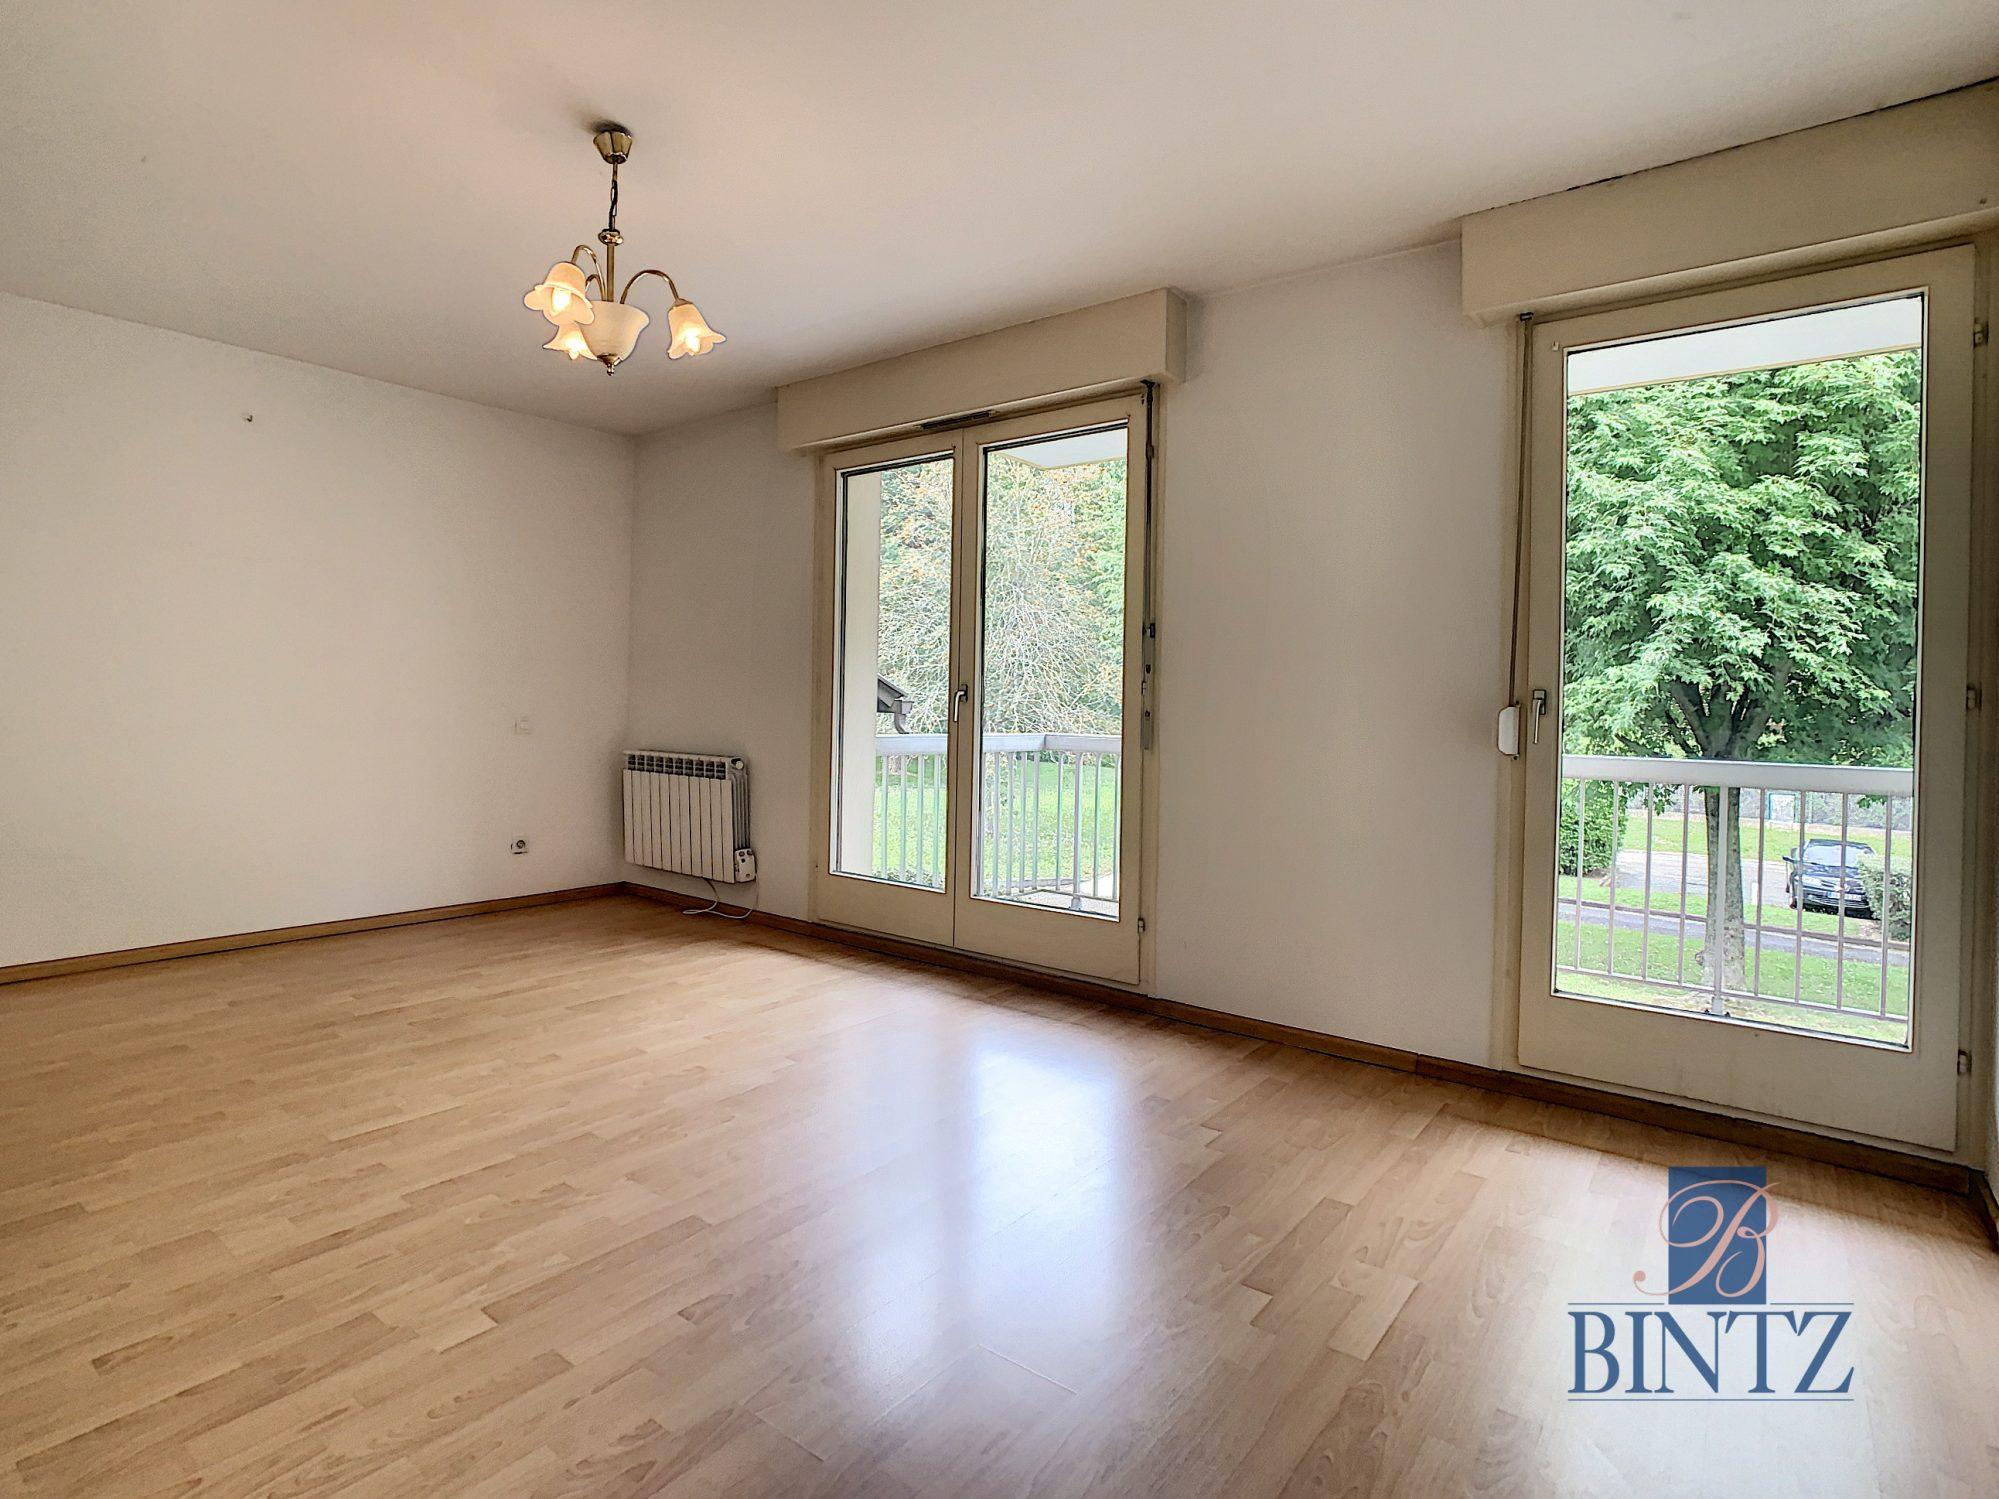 Appartement traversant 4 pièces 97,5m2 à Oberhausbergen - Devenez propriétaire en toute confiance - Bintz Immobilier - 2